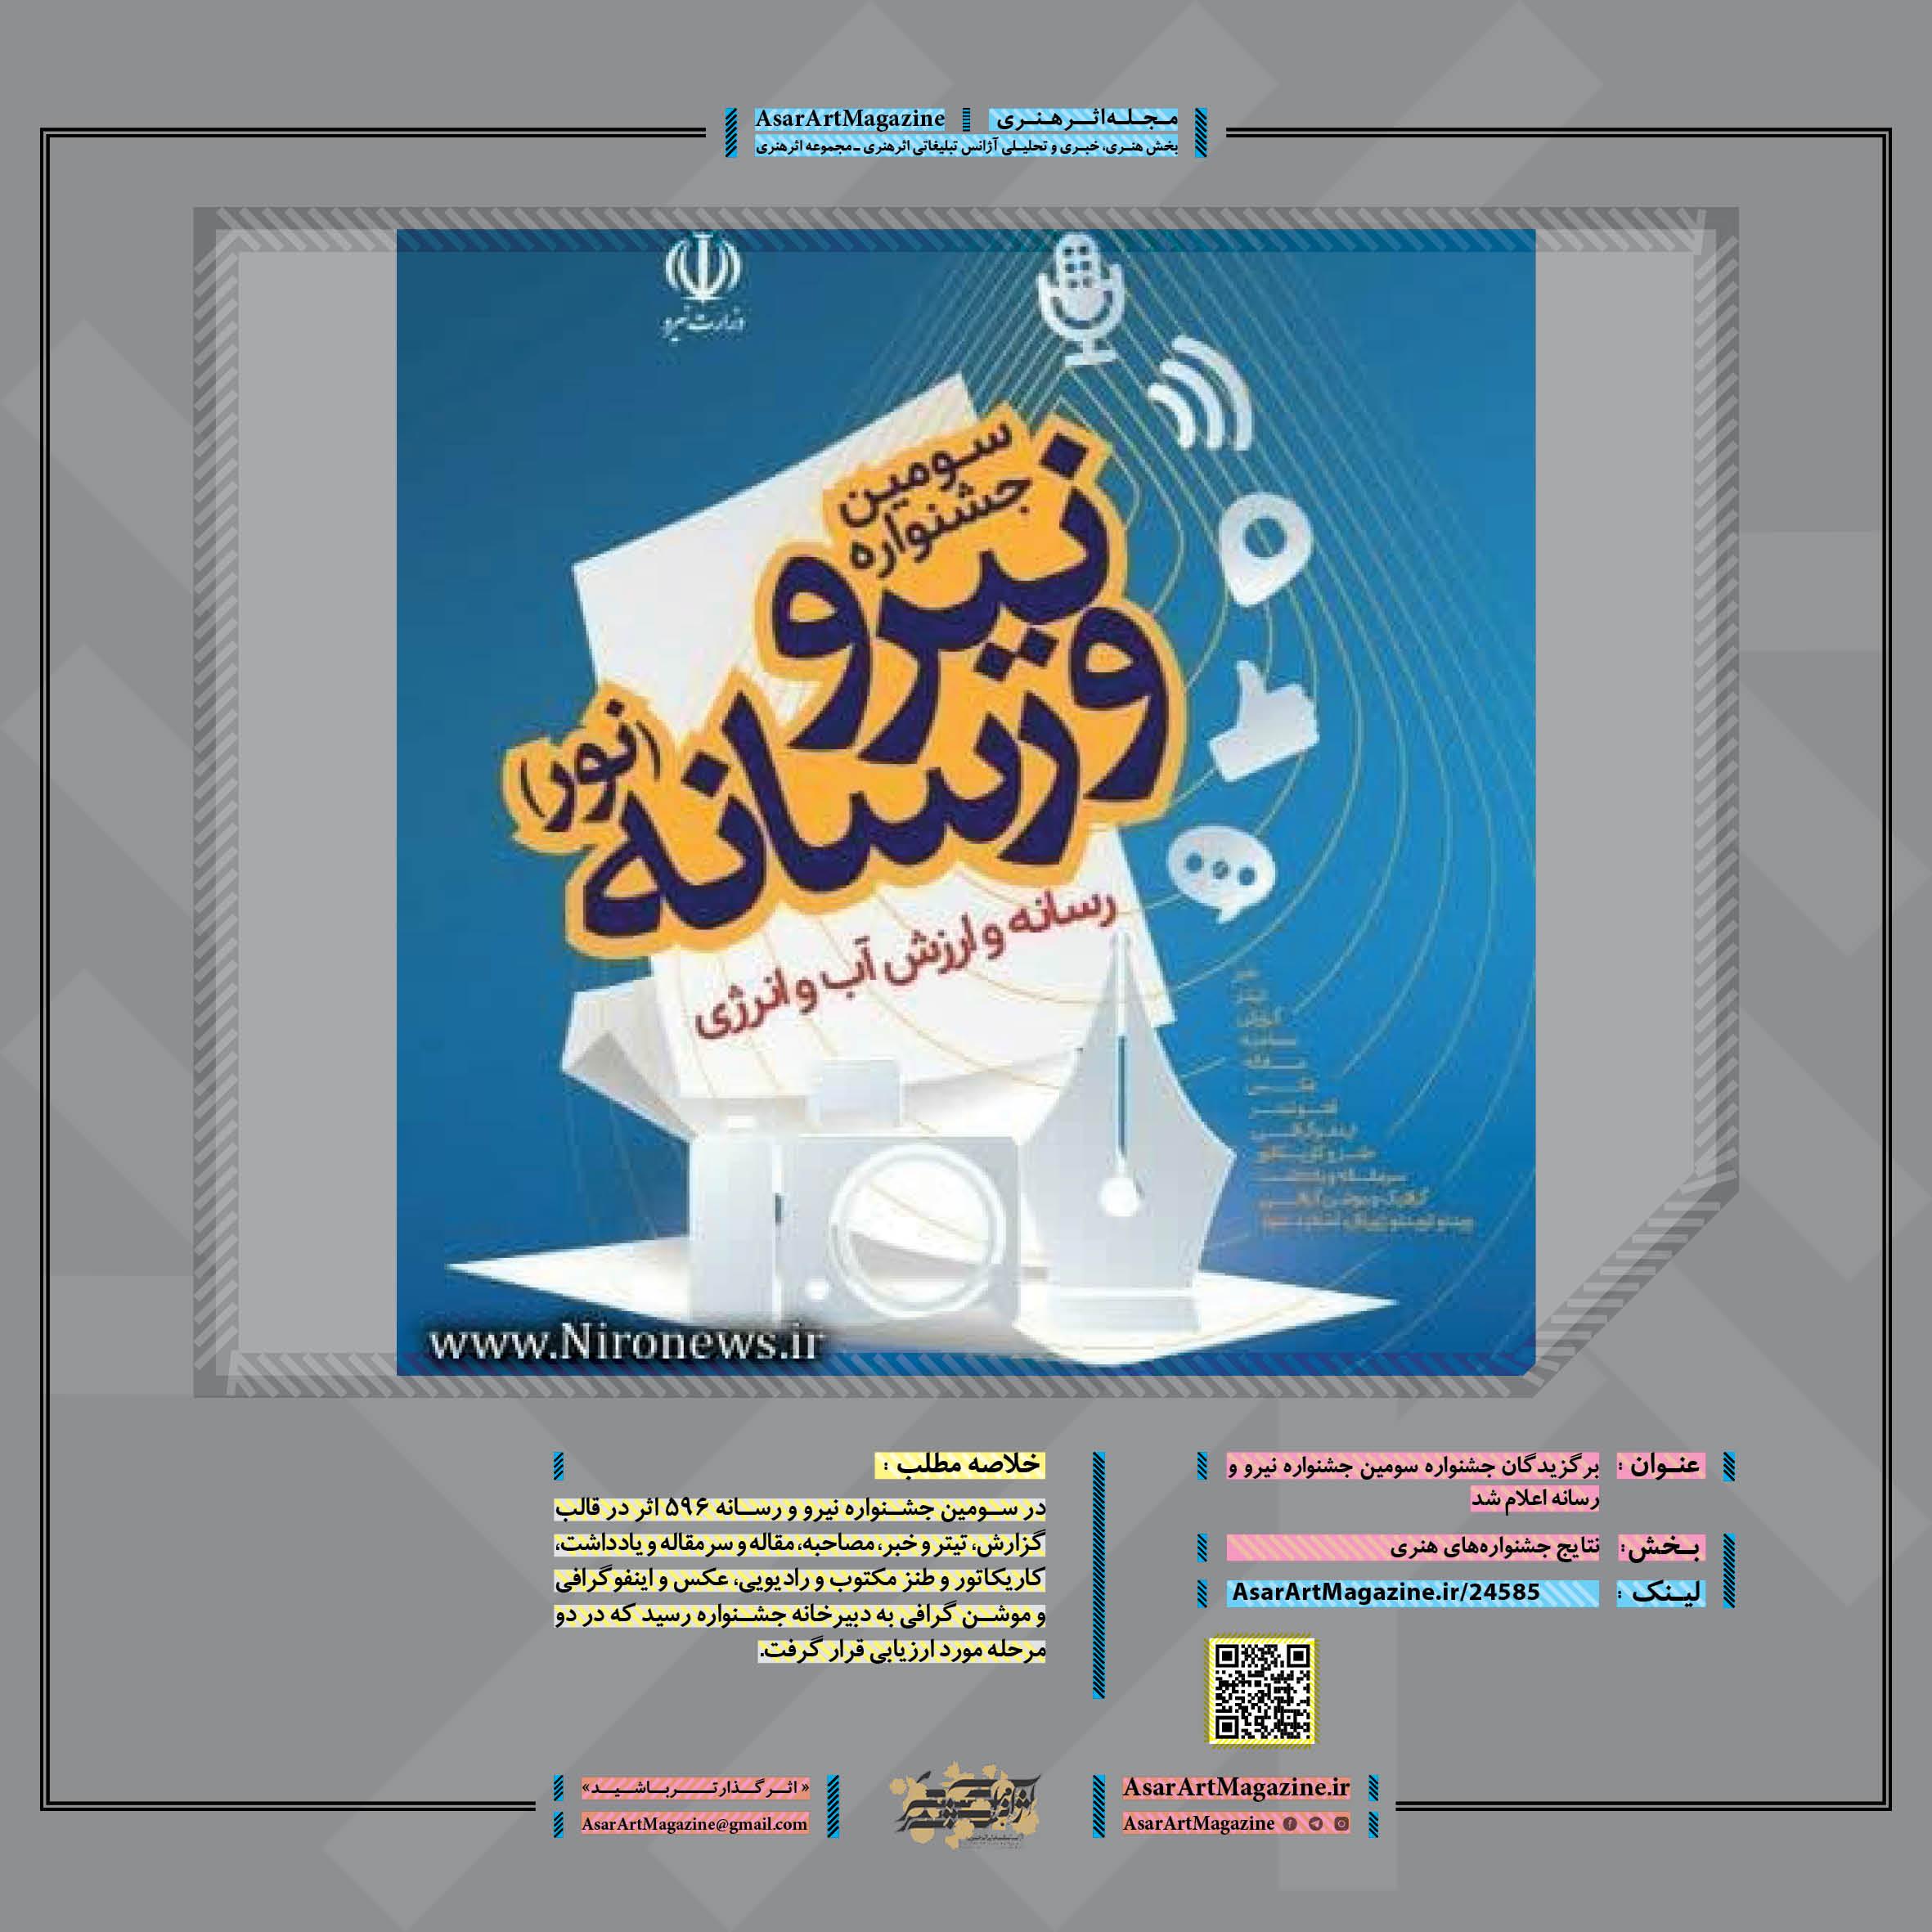 برگزیدگان سومین جشنواره نیرو و رسانه اعلام شد لینک : https://asarartmagazine.ir/?p=24585👇 سایت : AsarArtMagazine.ir اینستاگرام : instagram.com/AsarArtMagazine تلگرام :  t.me/AsarArtMagazine 👆